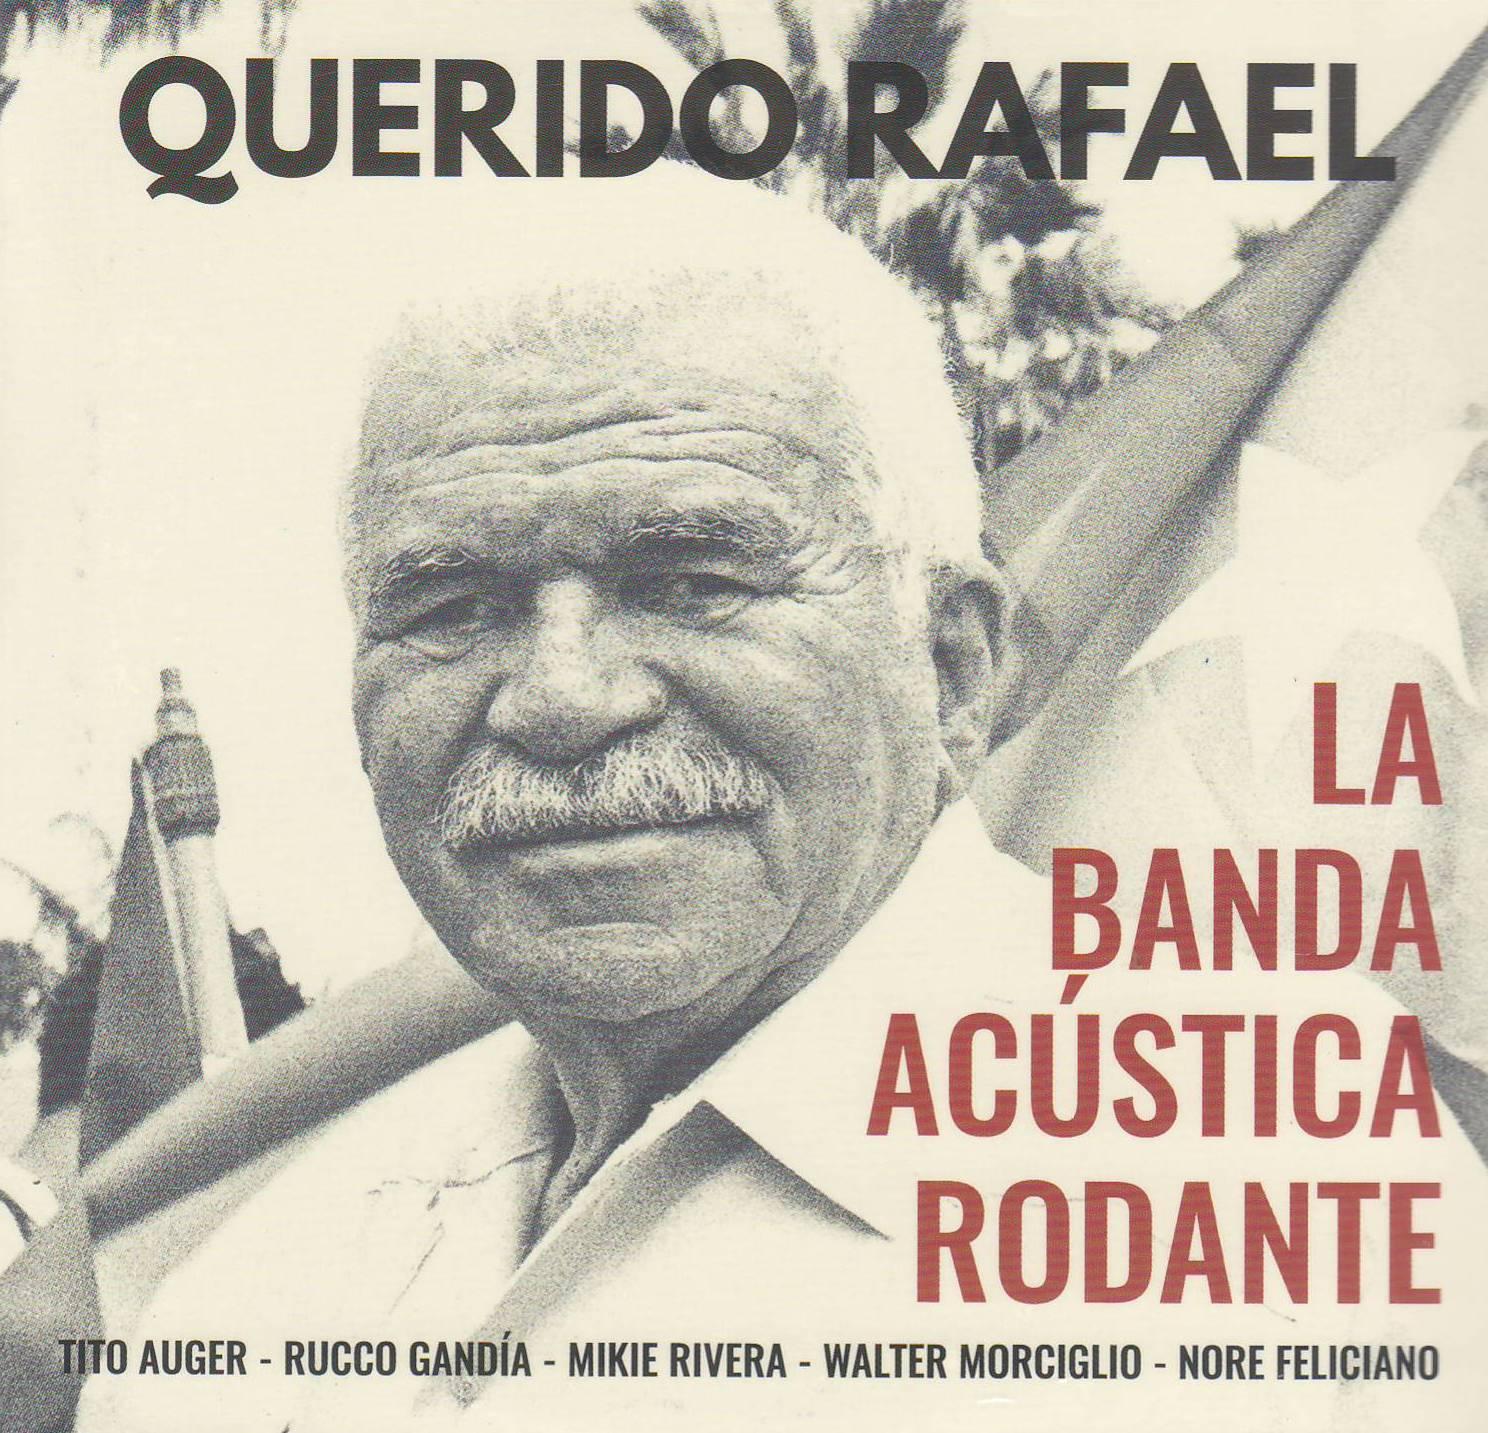 la-banda-acustica-rodante-2016-querido-rafael